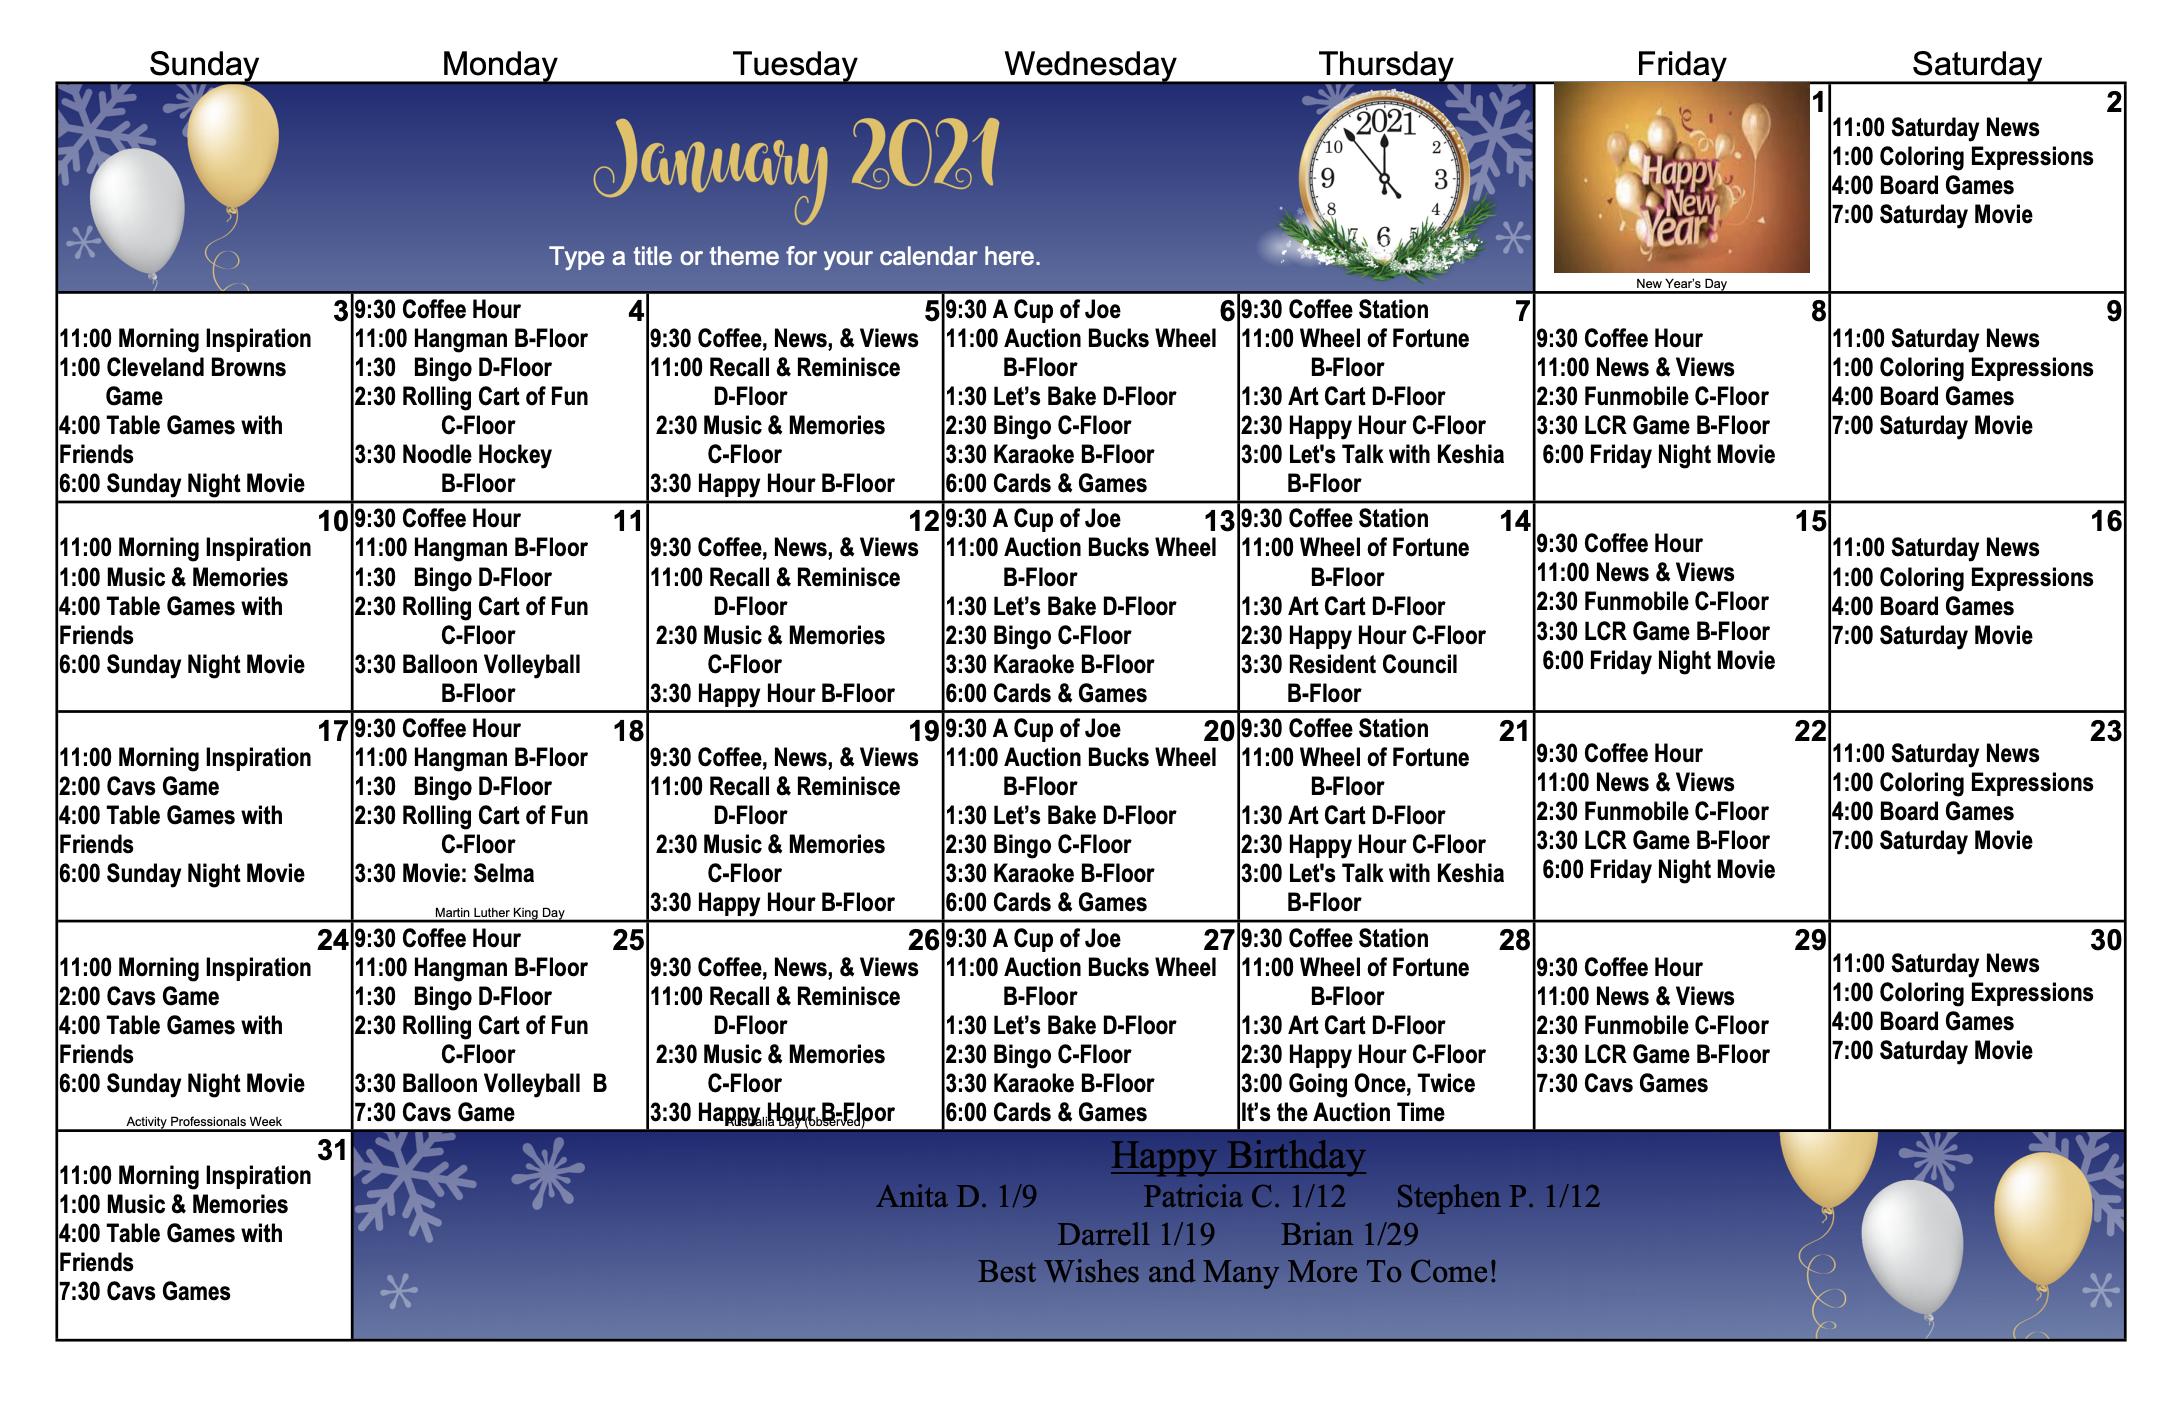 January 2021 Activity Calendar For Eastbrook